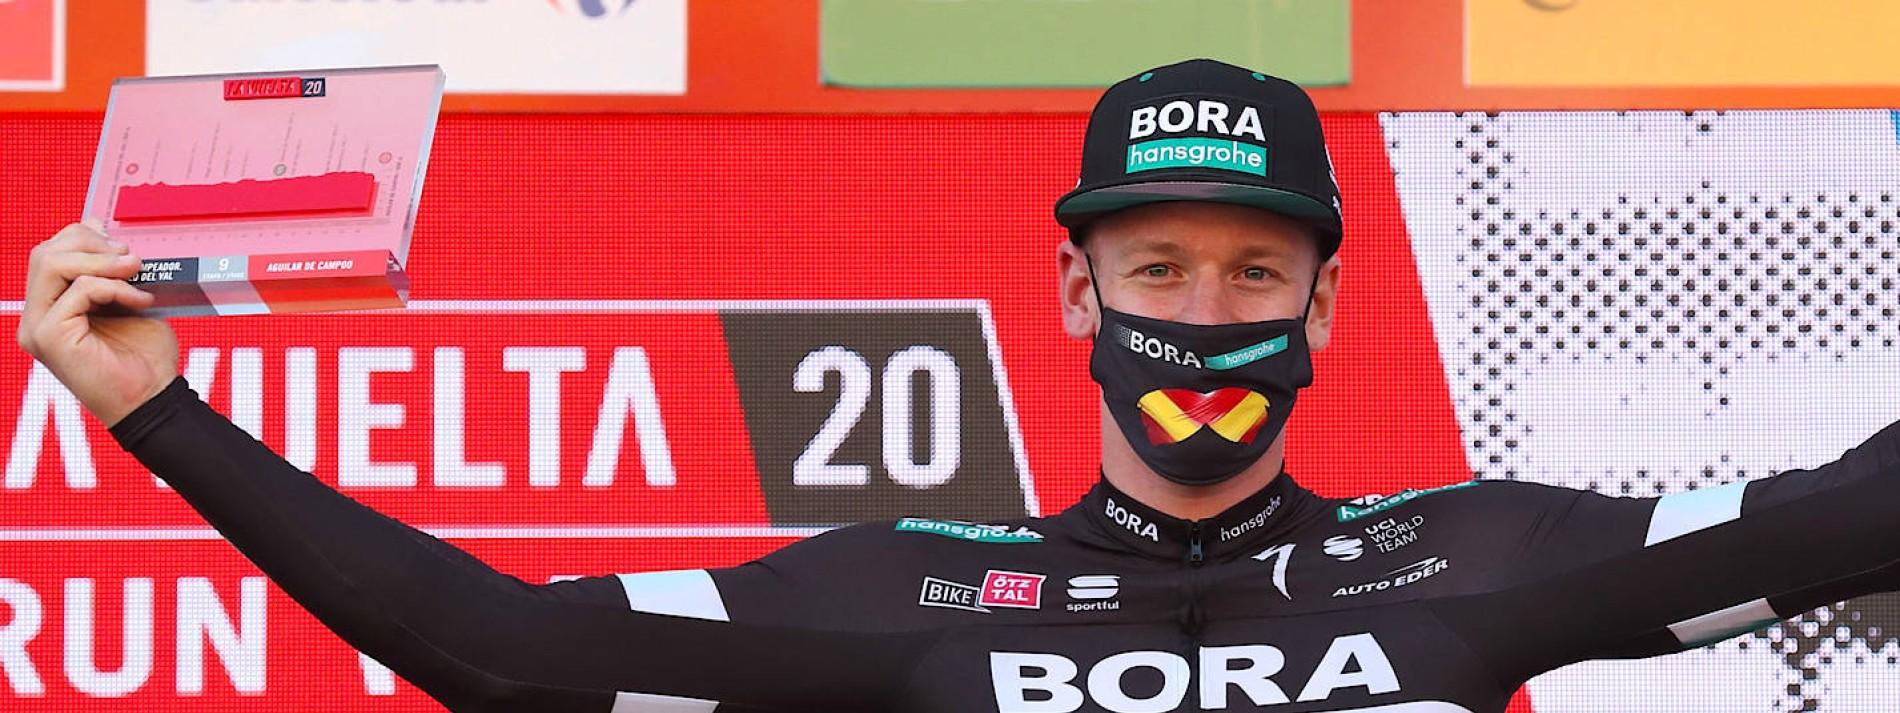 Ackermann gewinnt Etappe bei Vuelta nachträglich